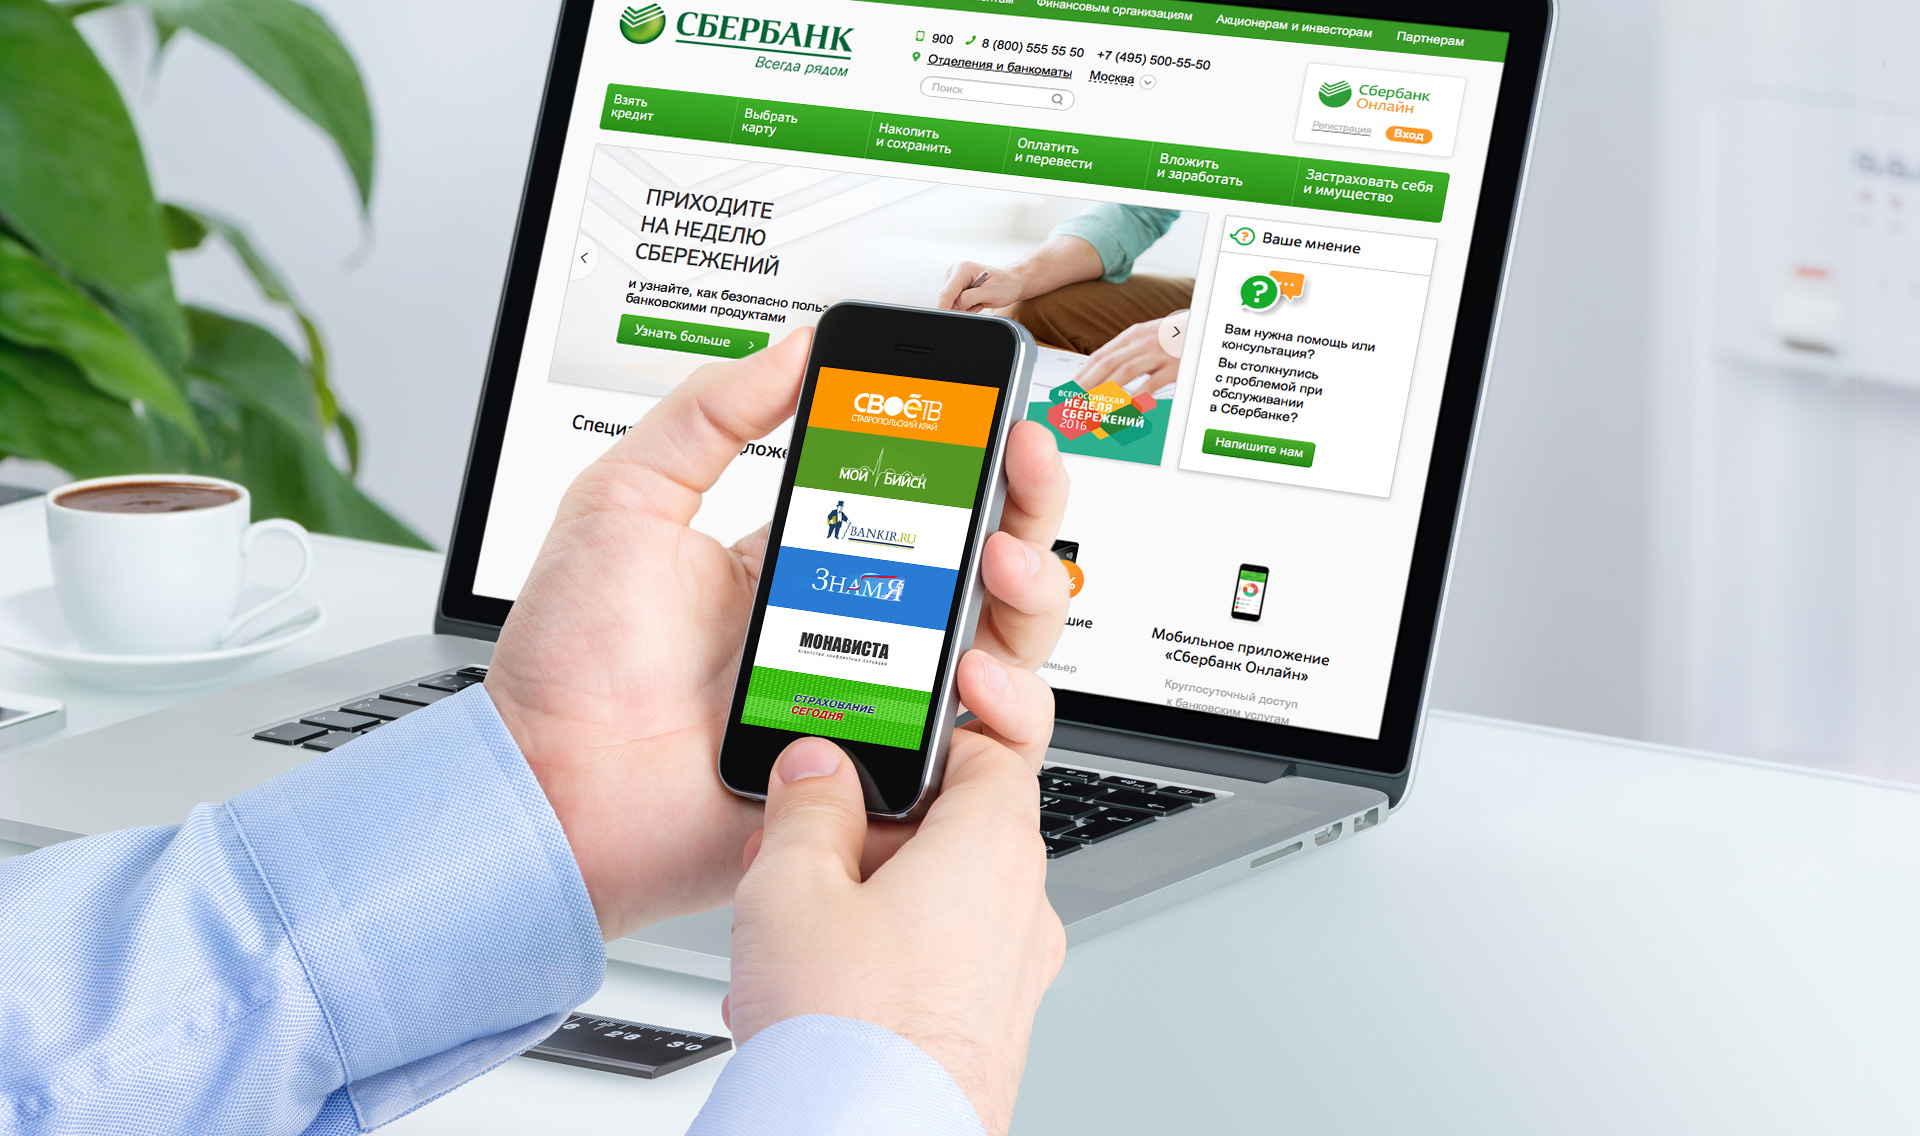 Пополнить счёт телефона казахских мобильных операторов стало возможно в Сбербанк Онлайн